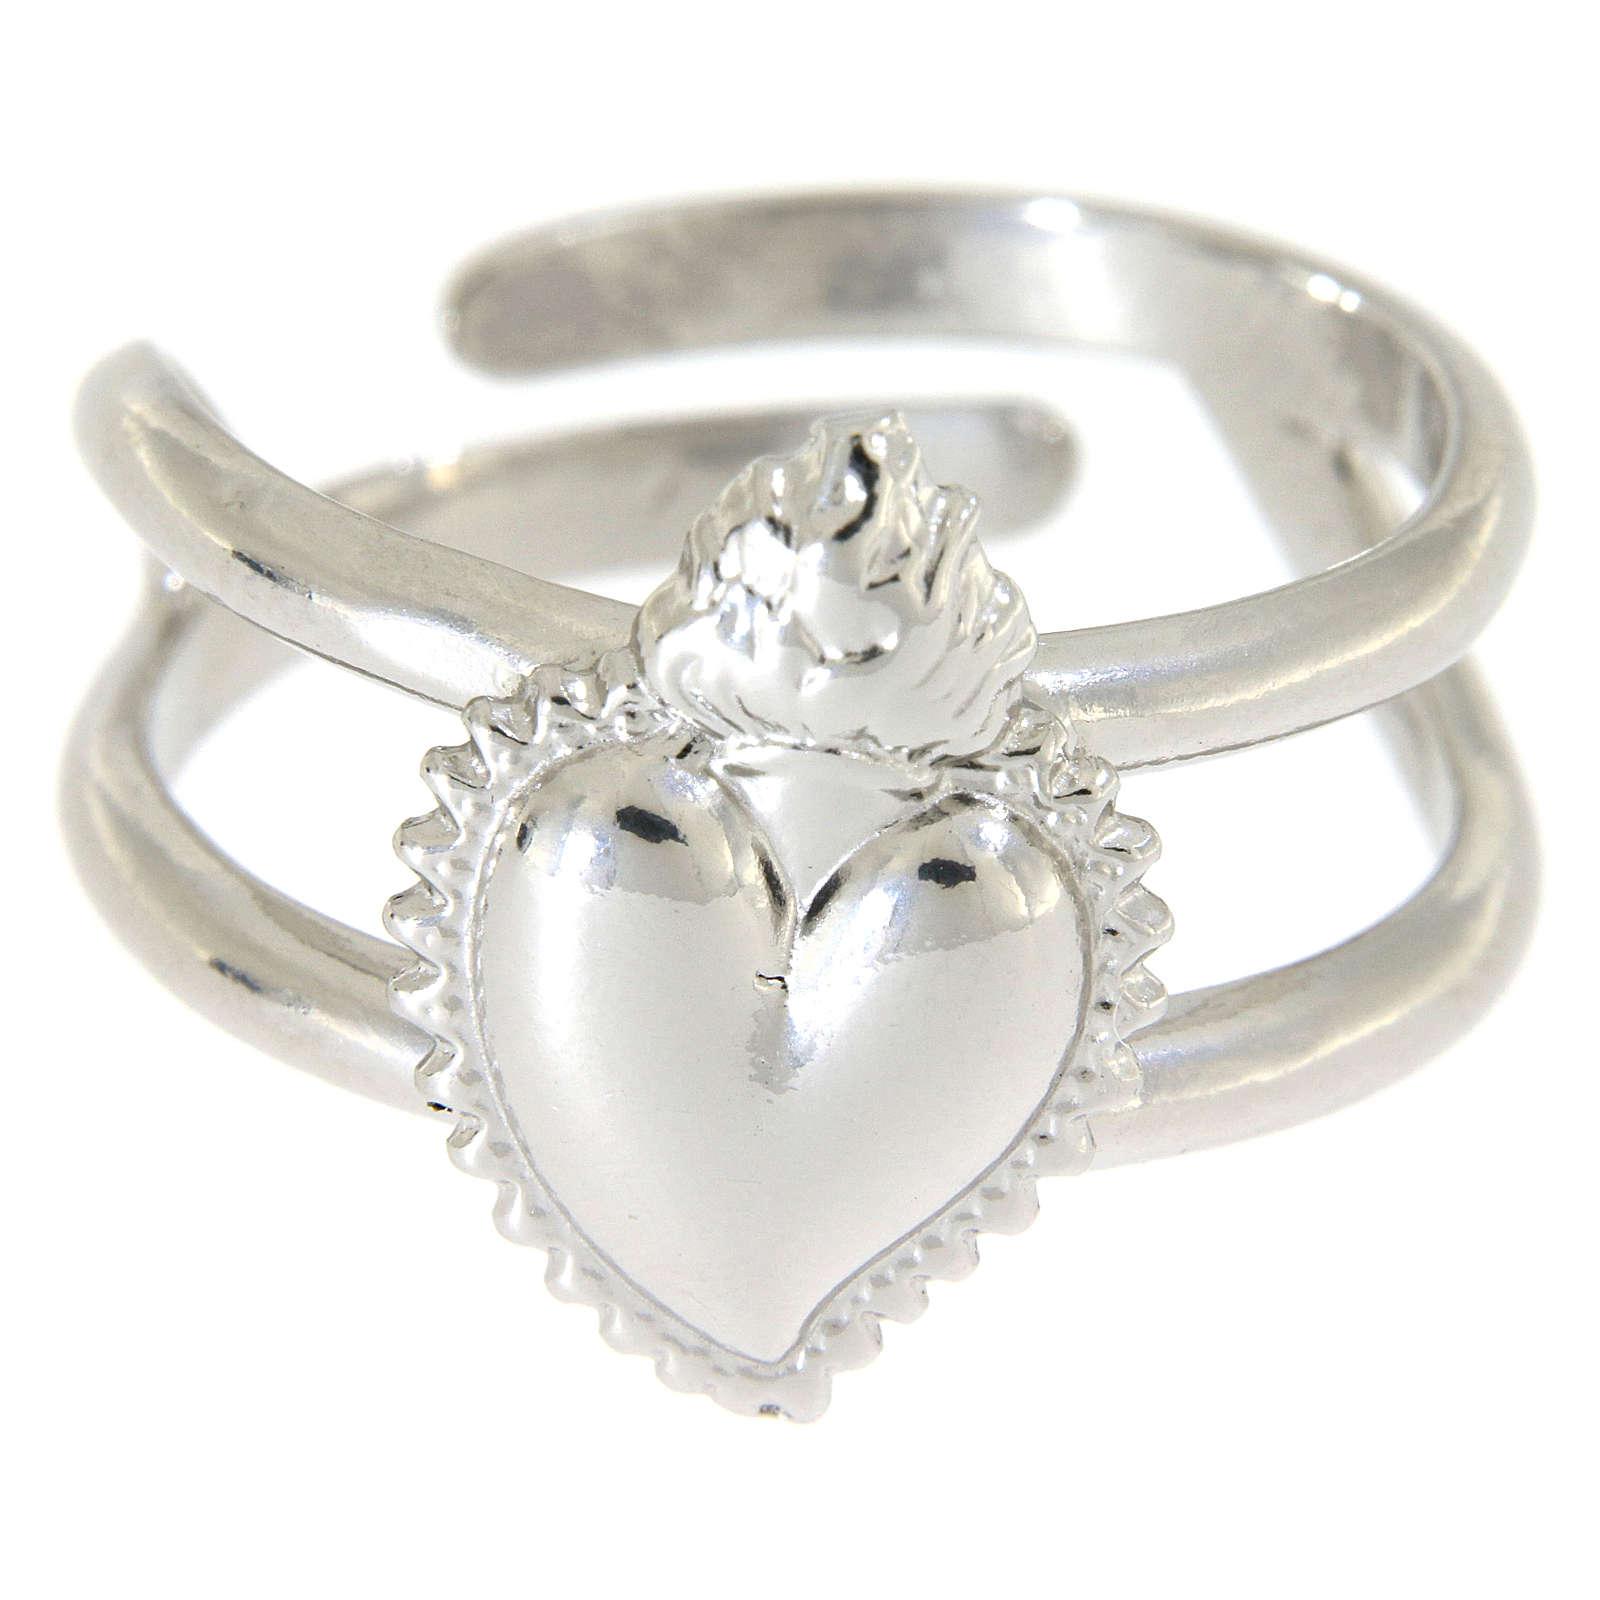 Anello regolabile in argento 925 con cuore votivo pieno 3